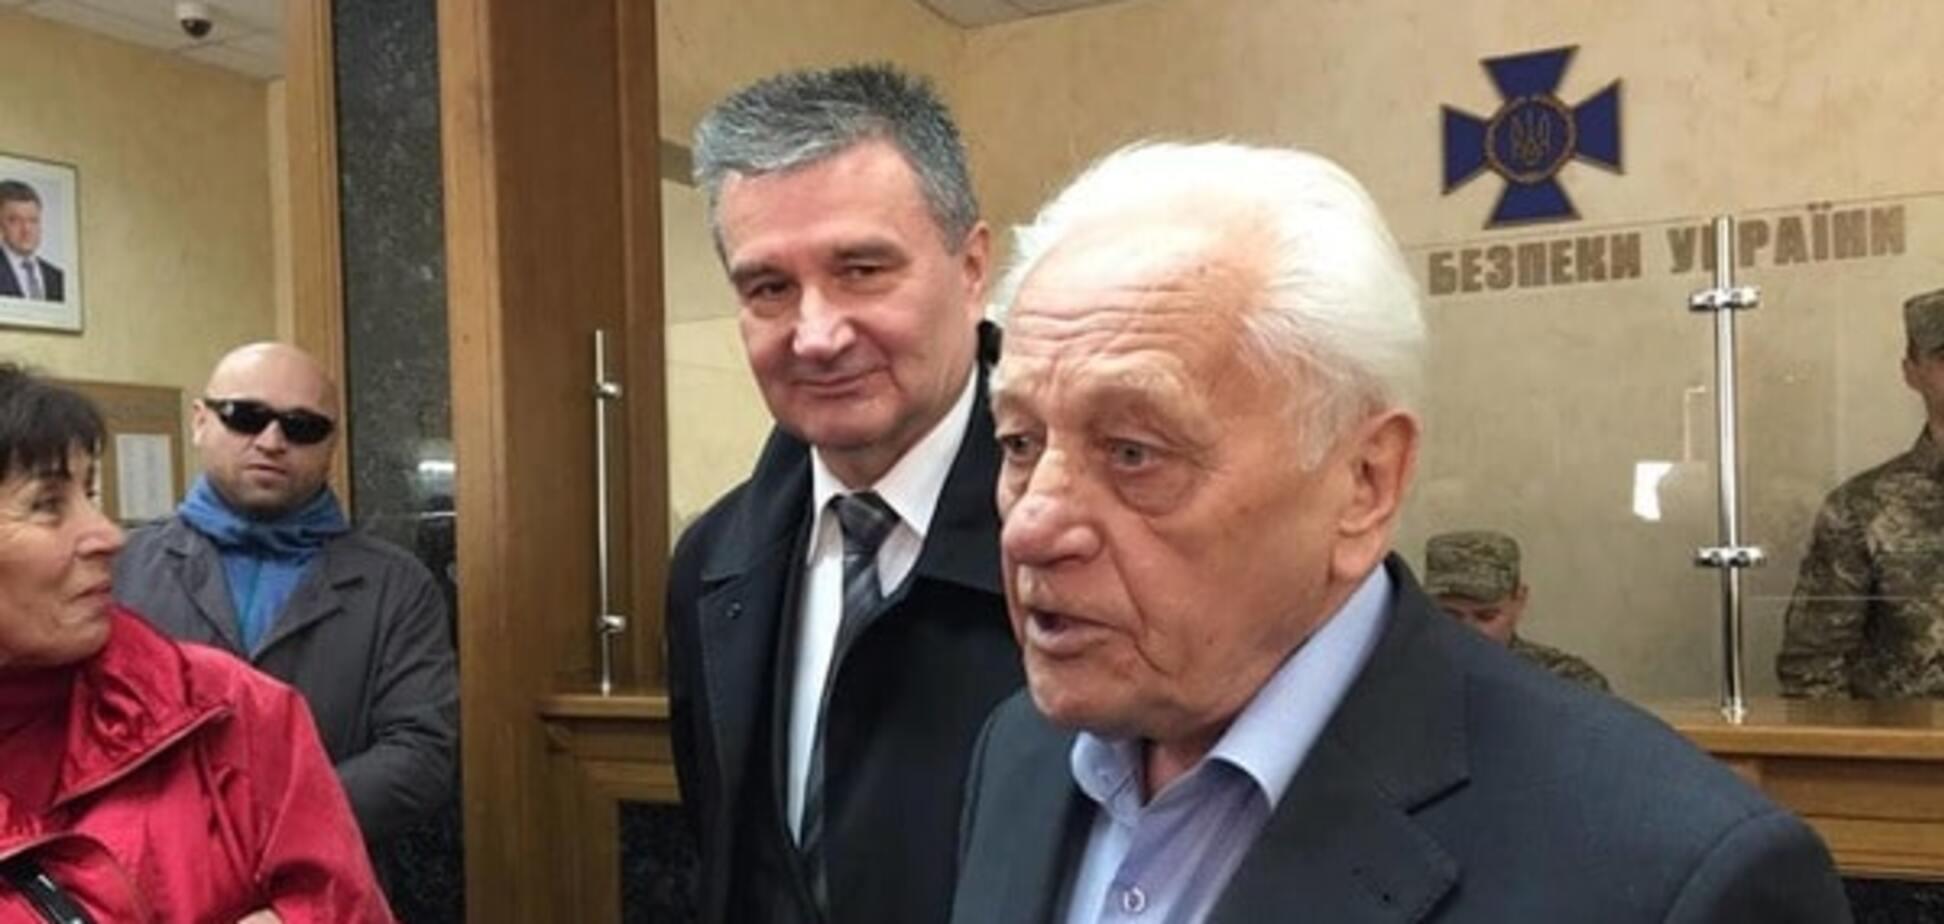 Дисидента Хмару викликали в СБУ на допит у справі 'про сепаратизм'